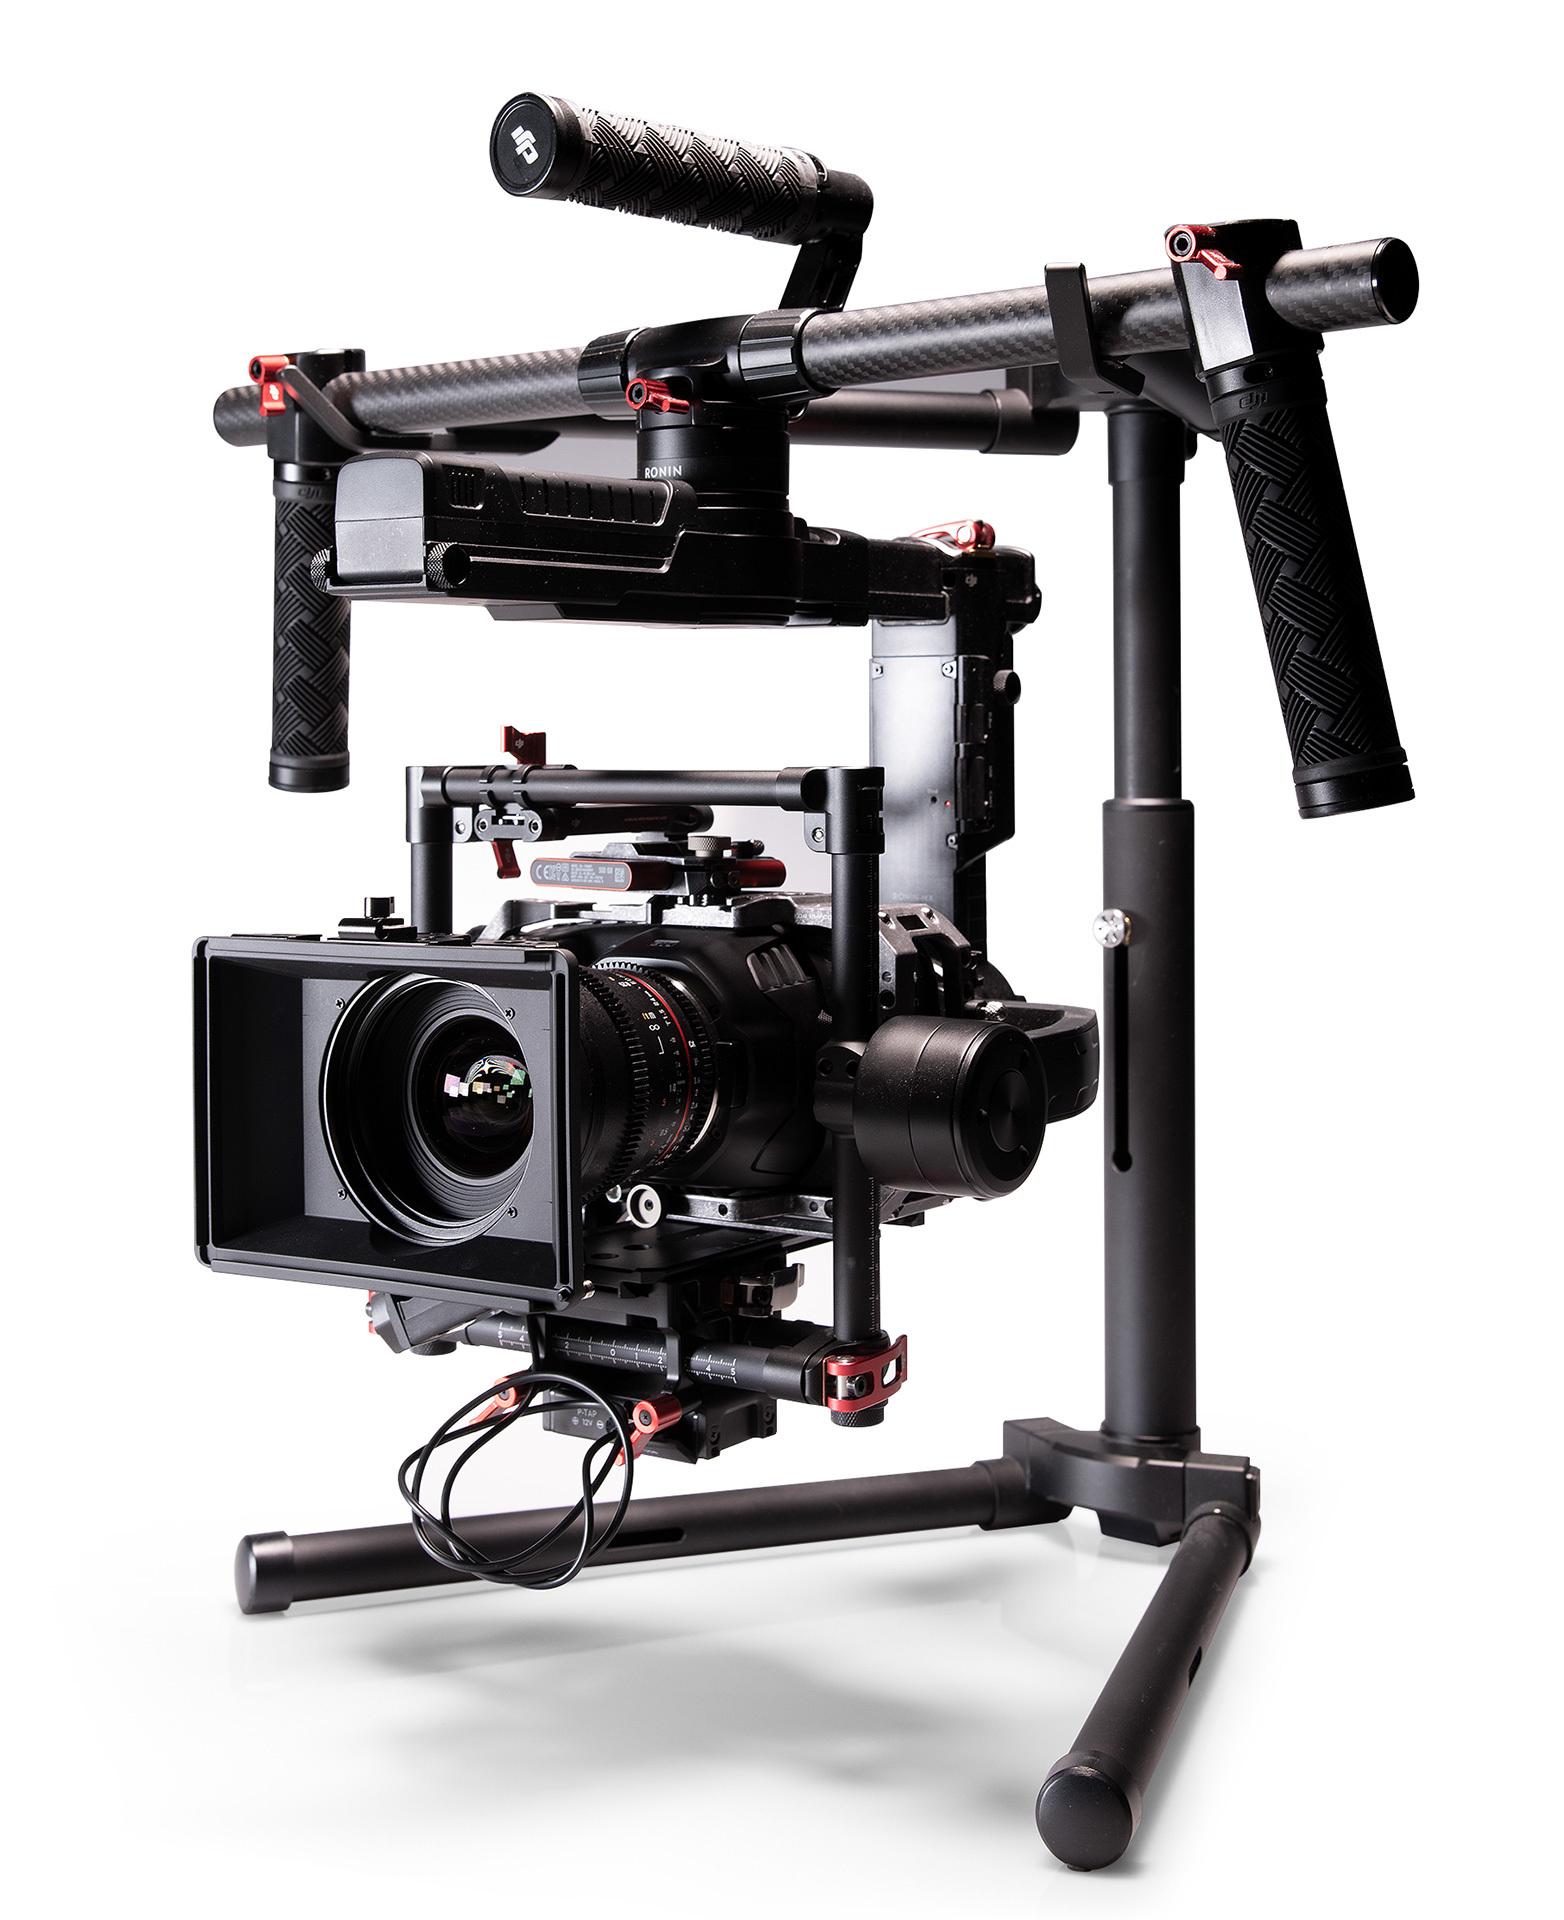 La steadycam utilizzata per le riprese video